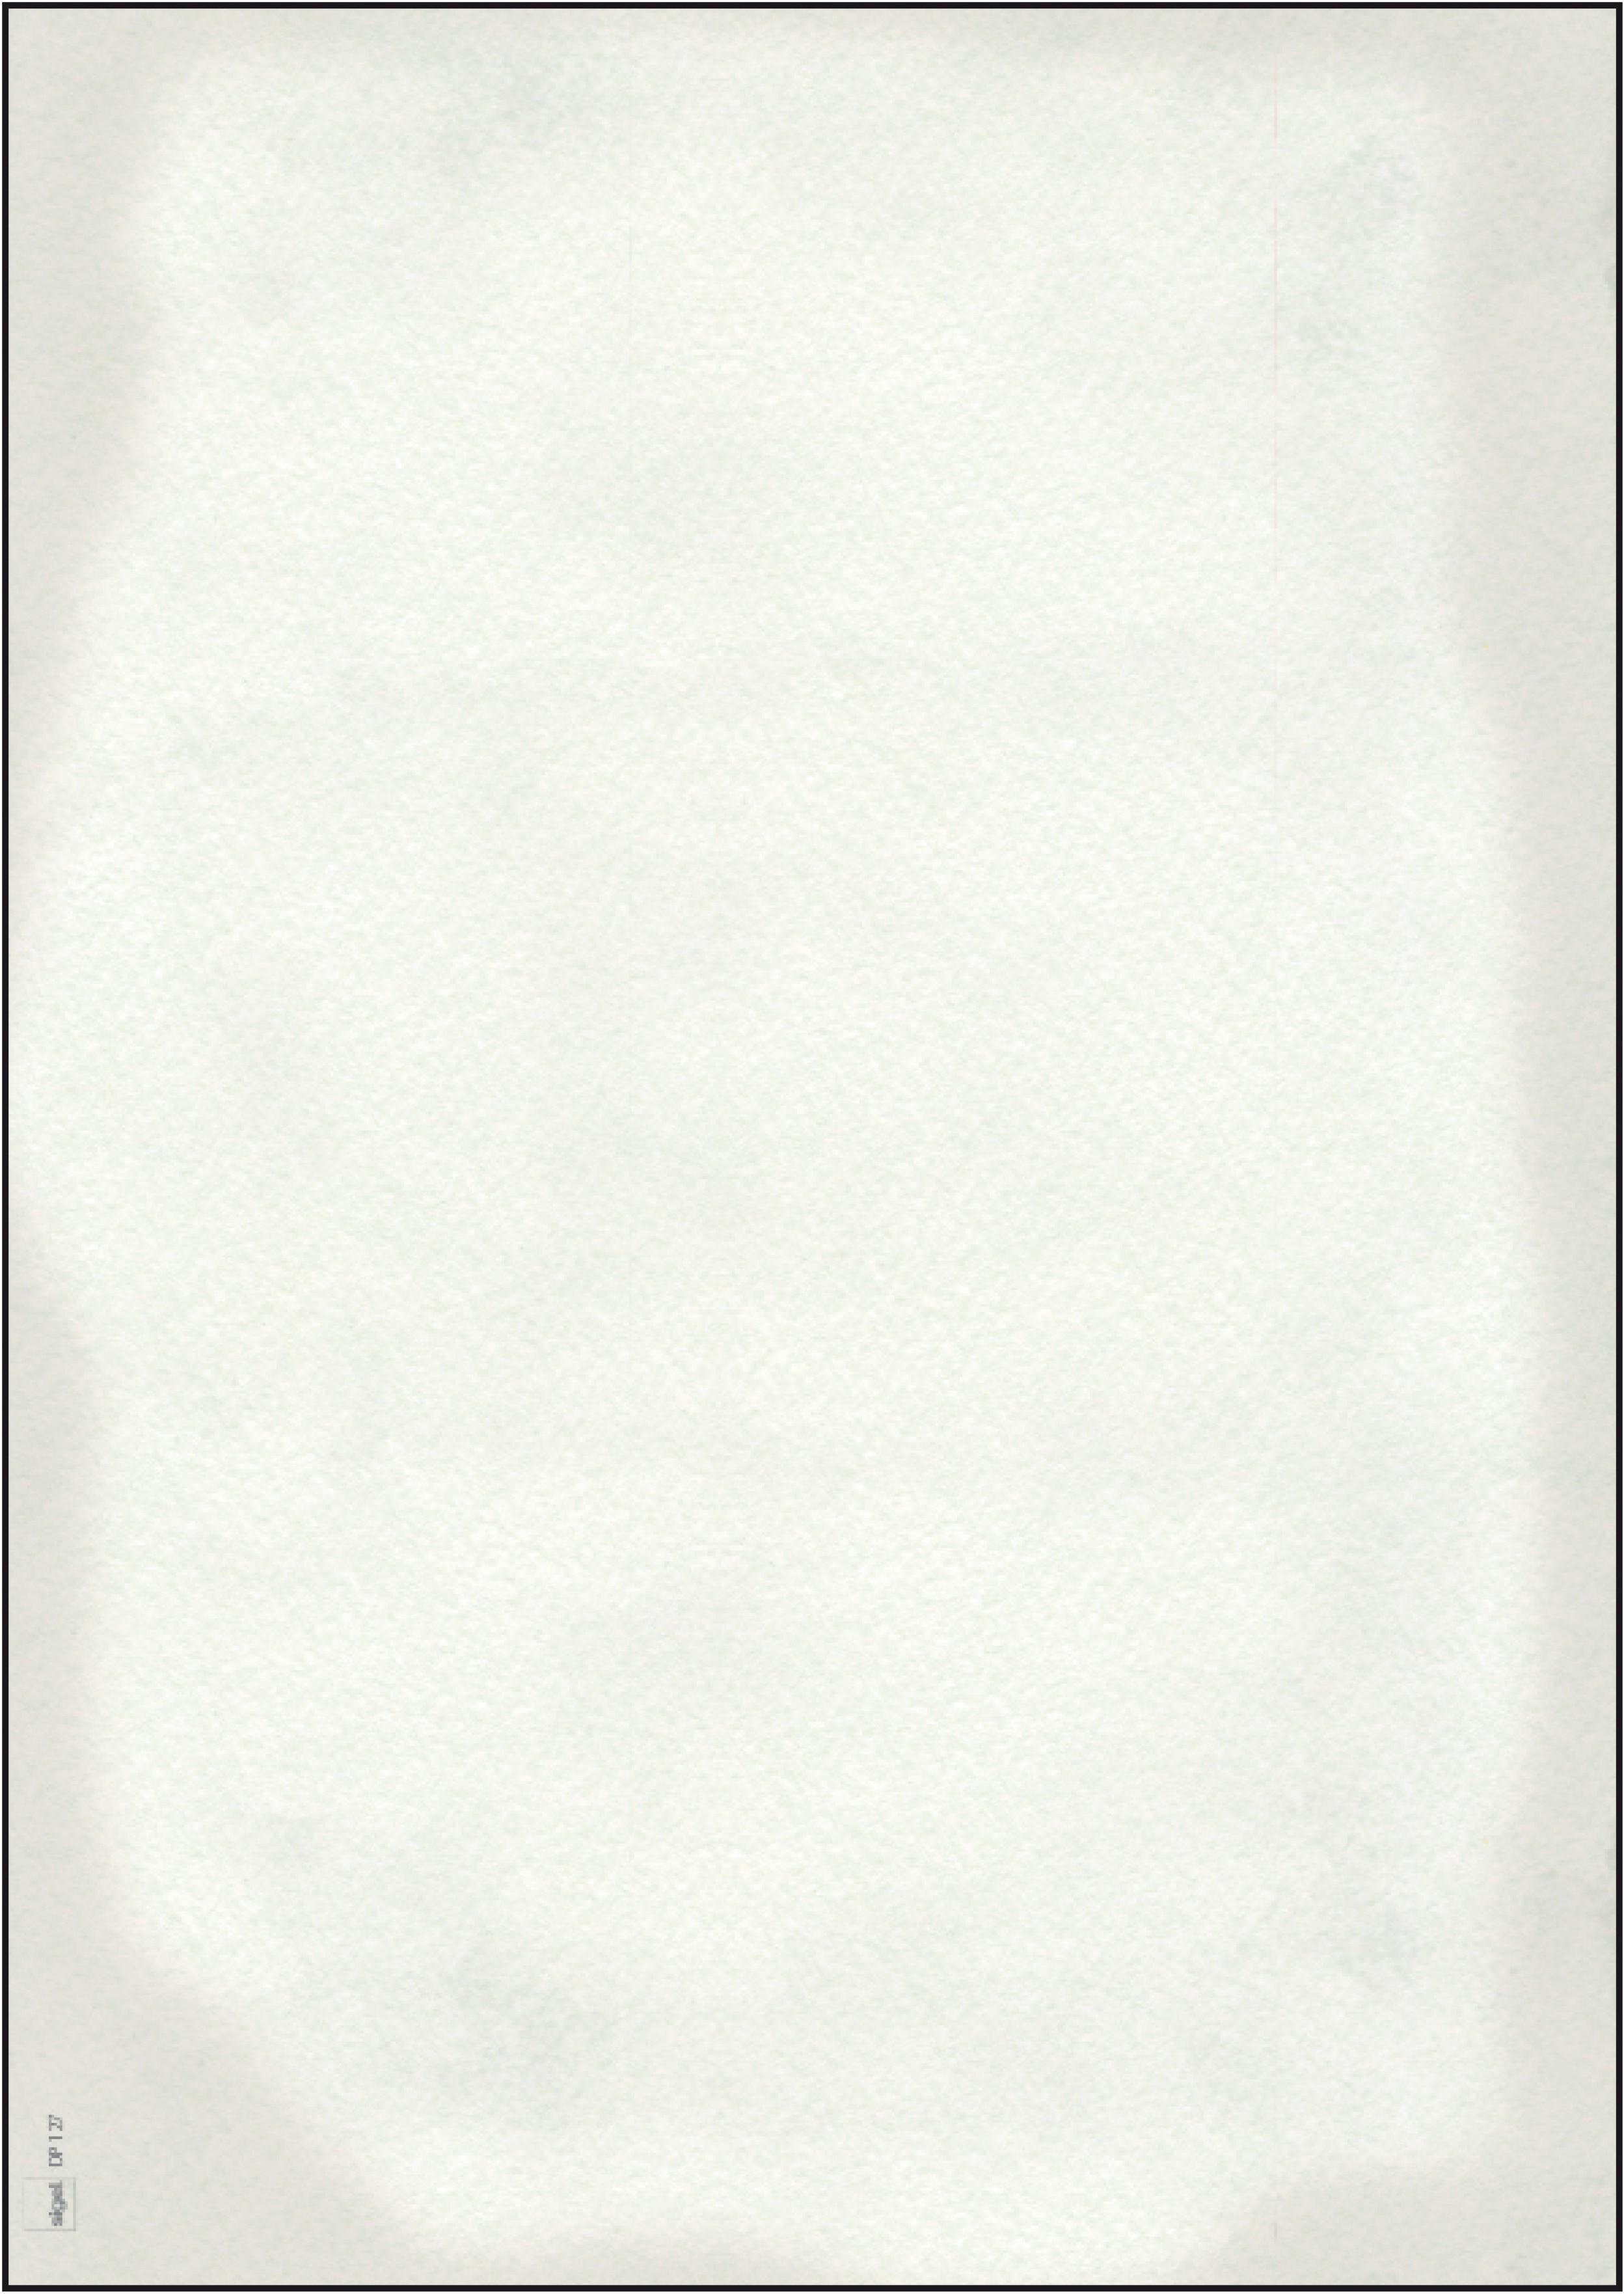 Papier créatif marbré jaune sable